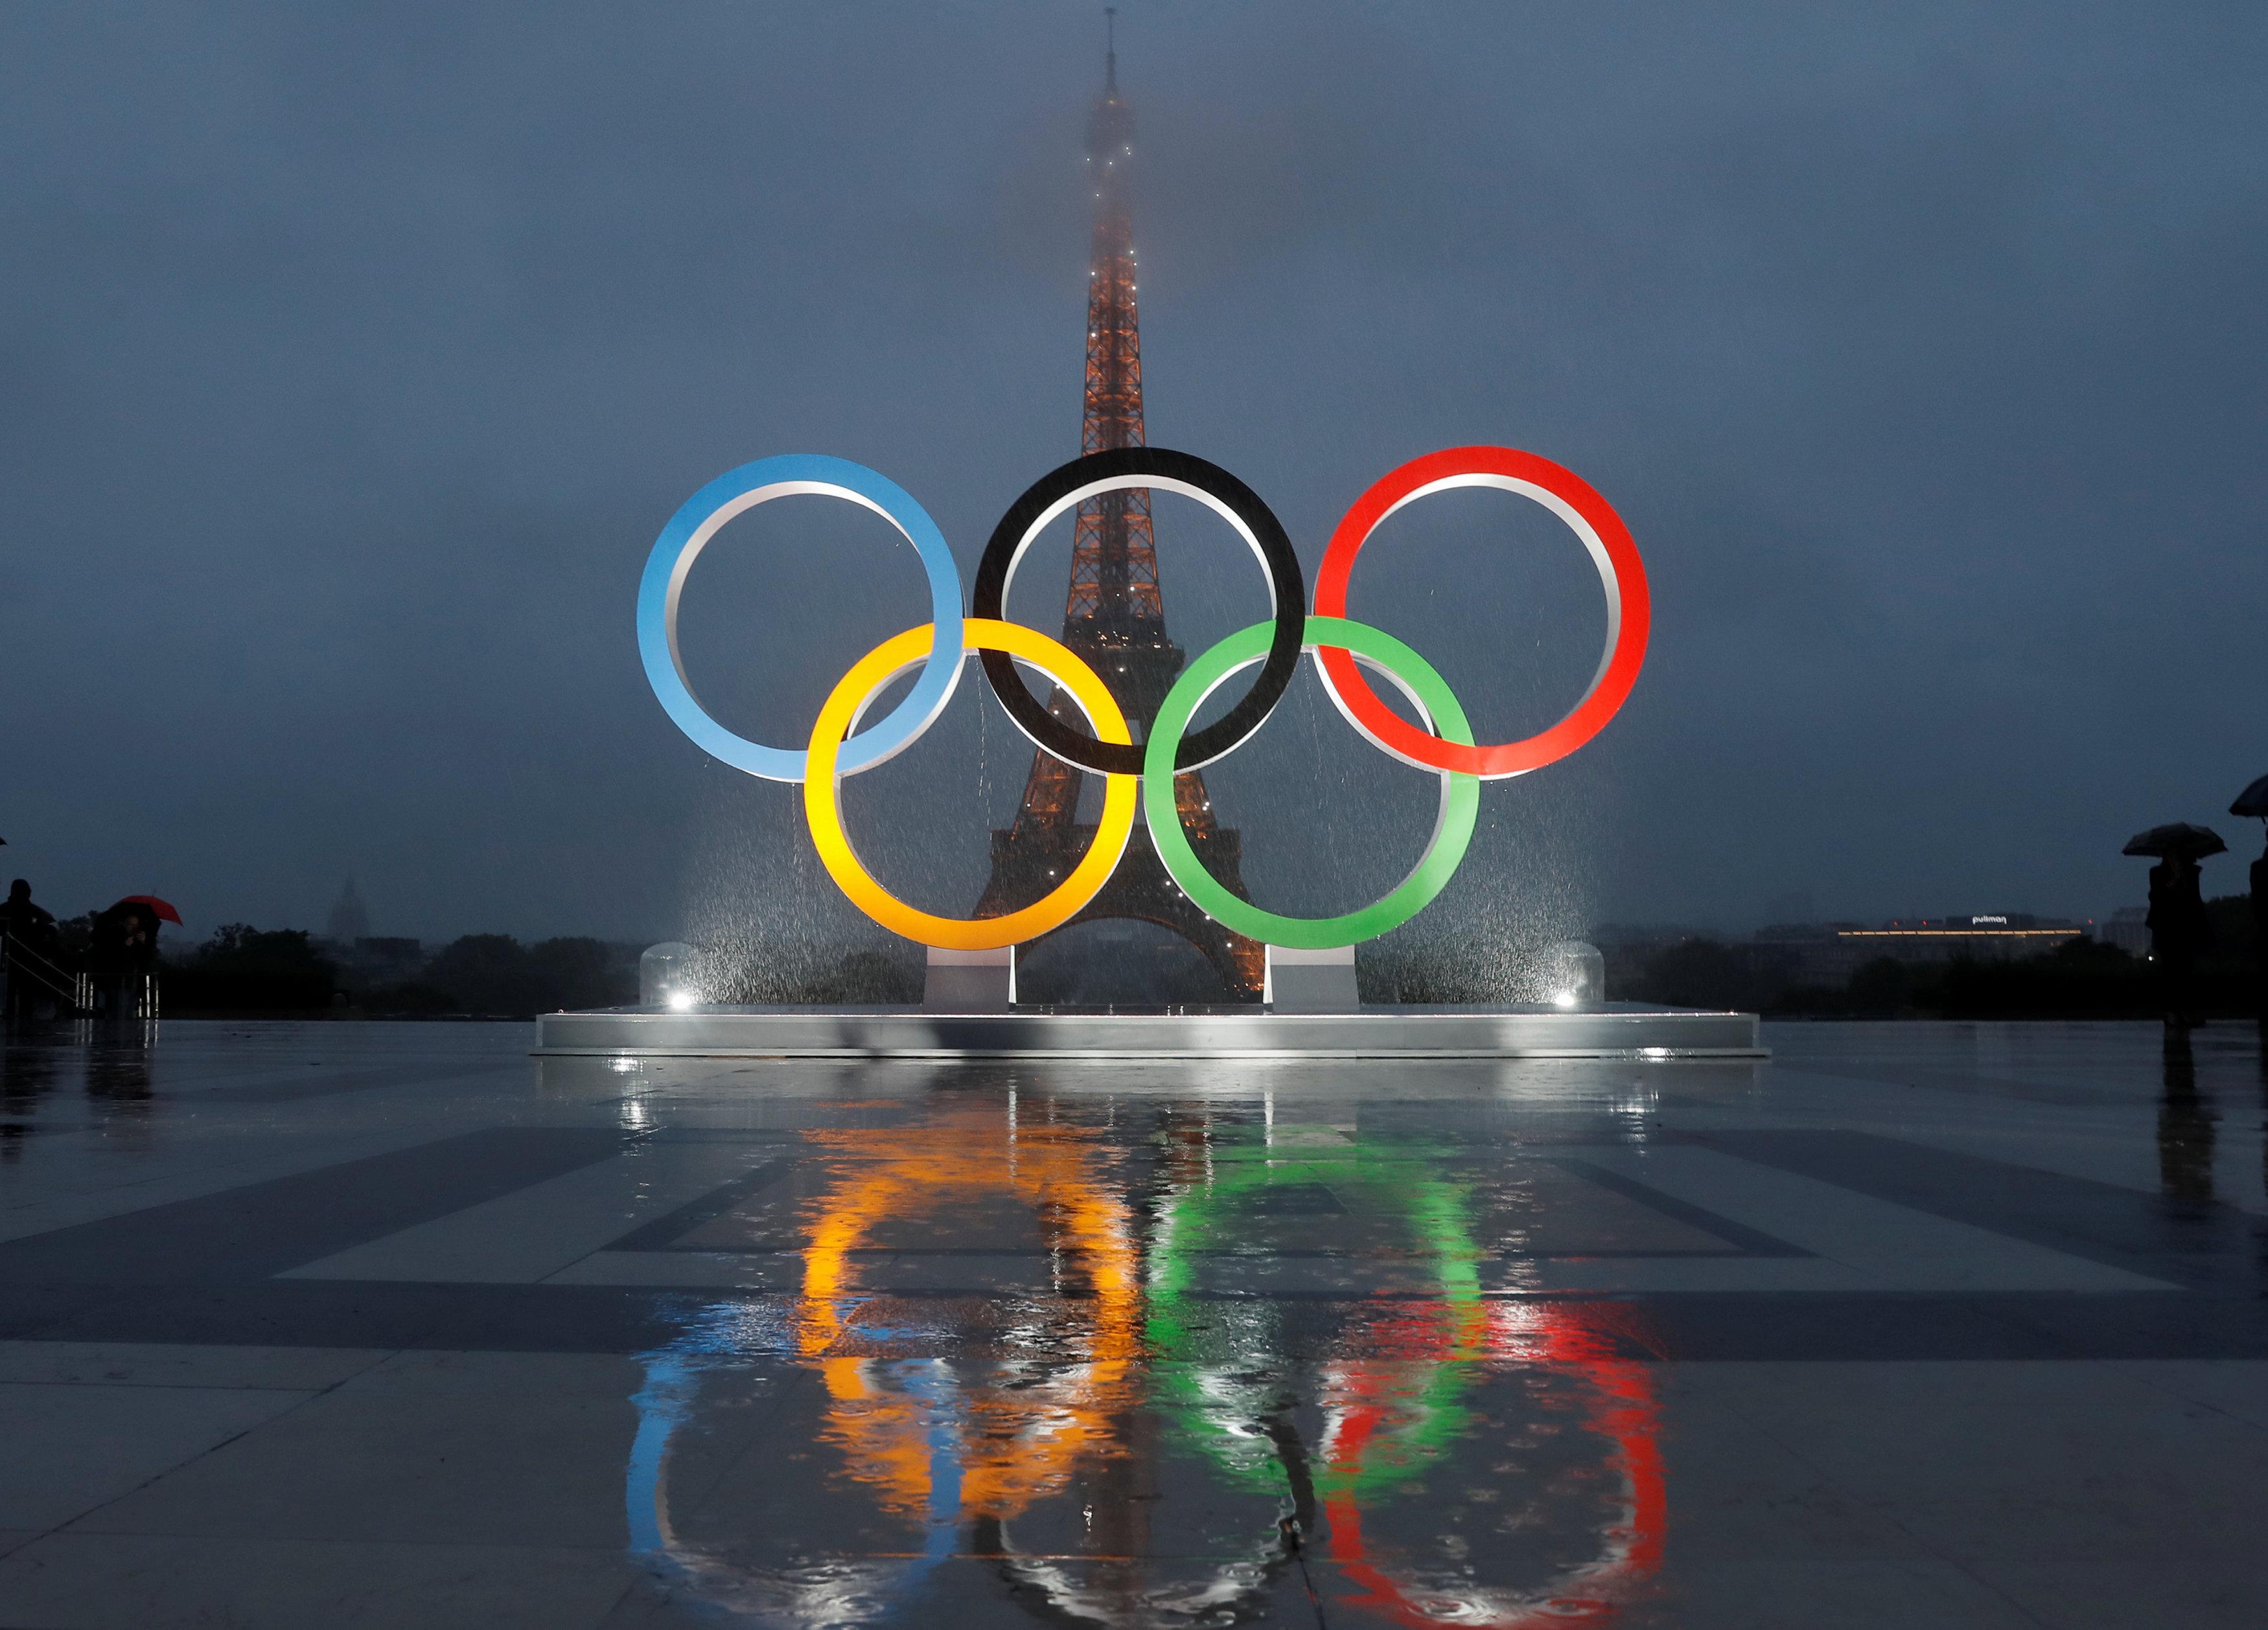 Historique paris a les cl s des jo 2024 jo 2024 jeux olympiques - Anneau des jeux olympique ...